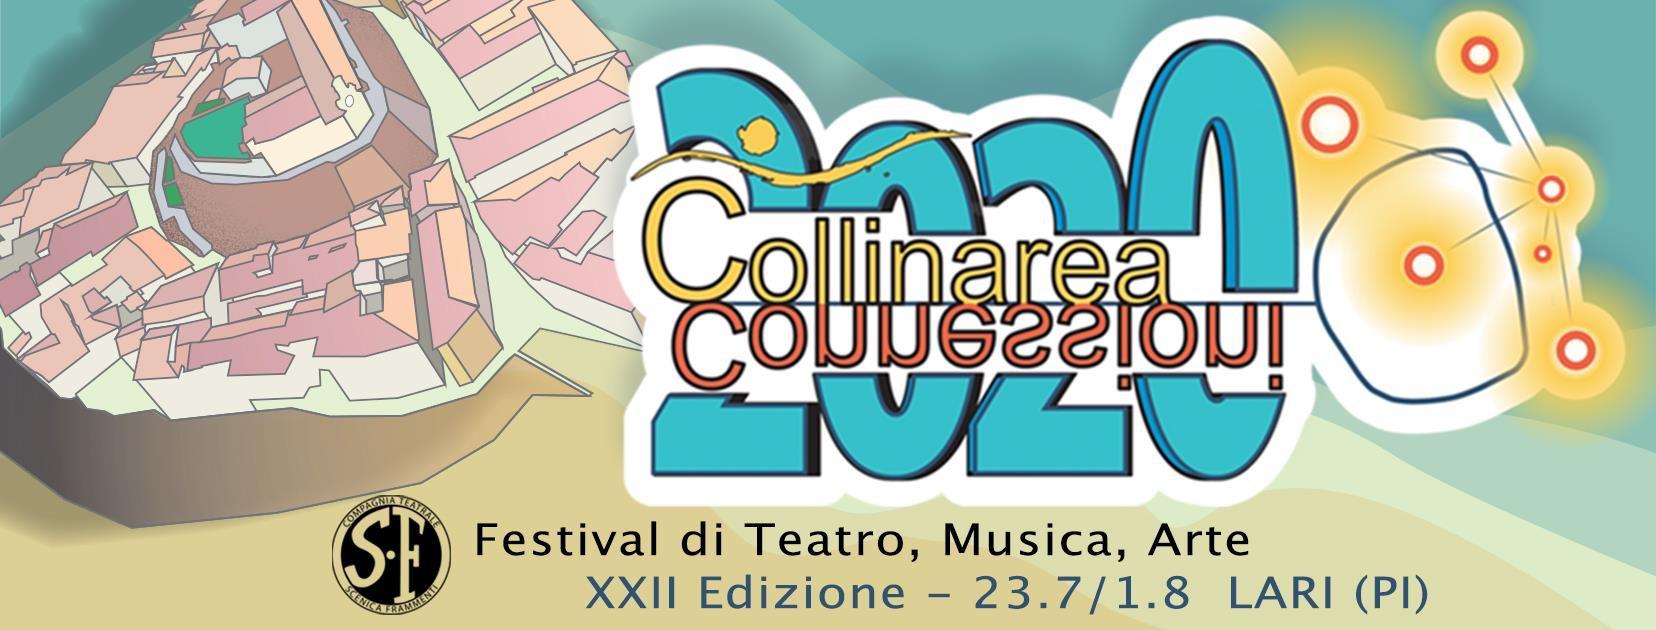 collinarea-festival-1594978494.jpg